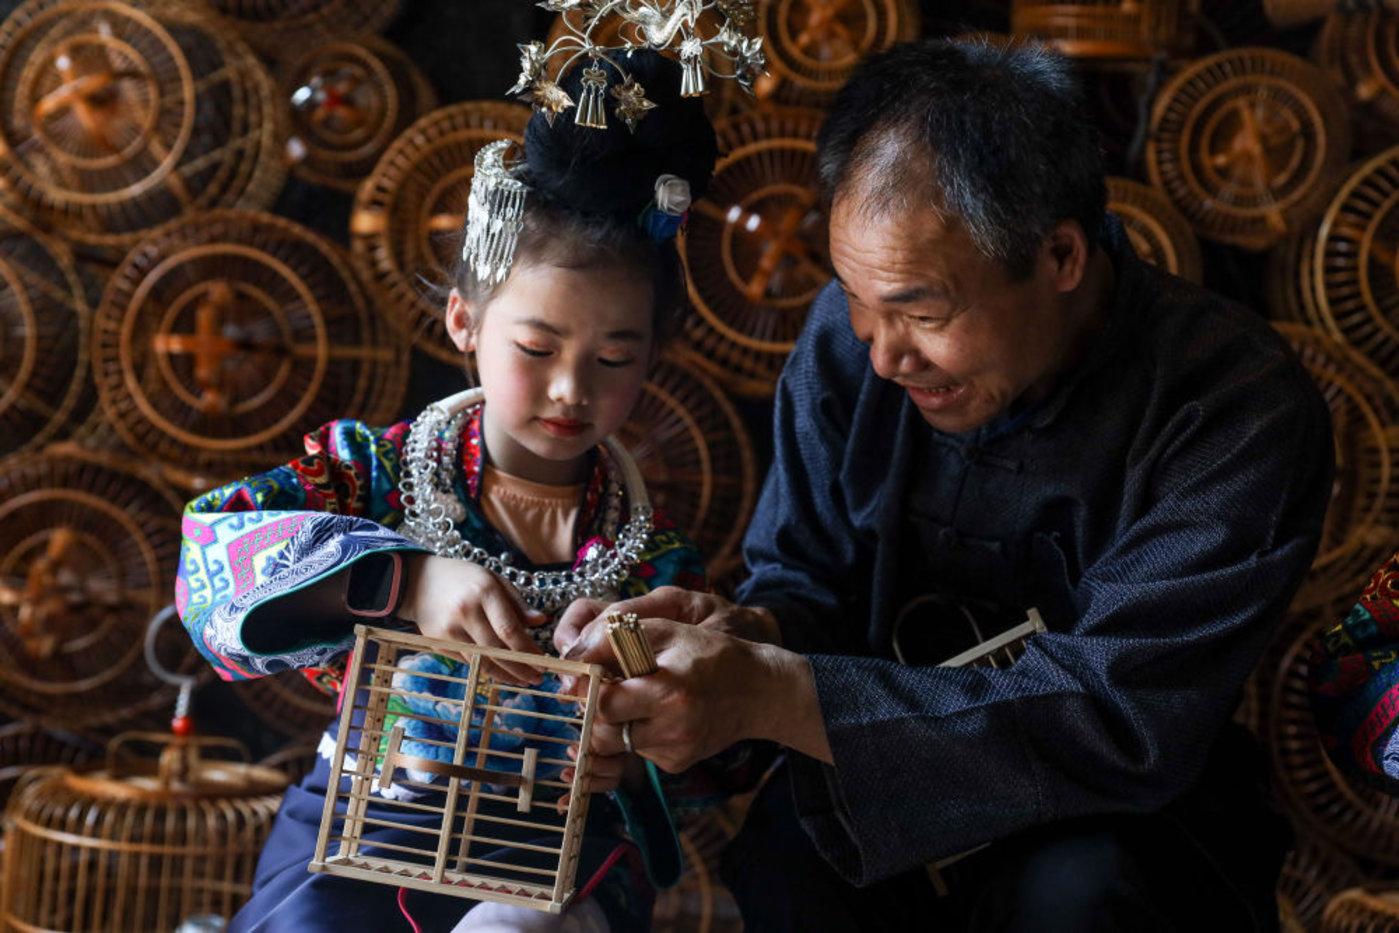 非遗传承人杨雪亮(右)在指导一名苗族女孩制作鸟笼